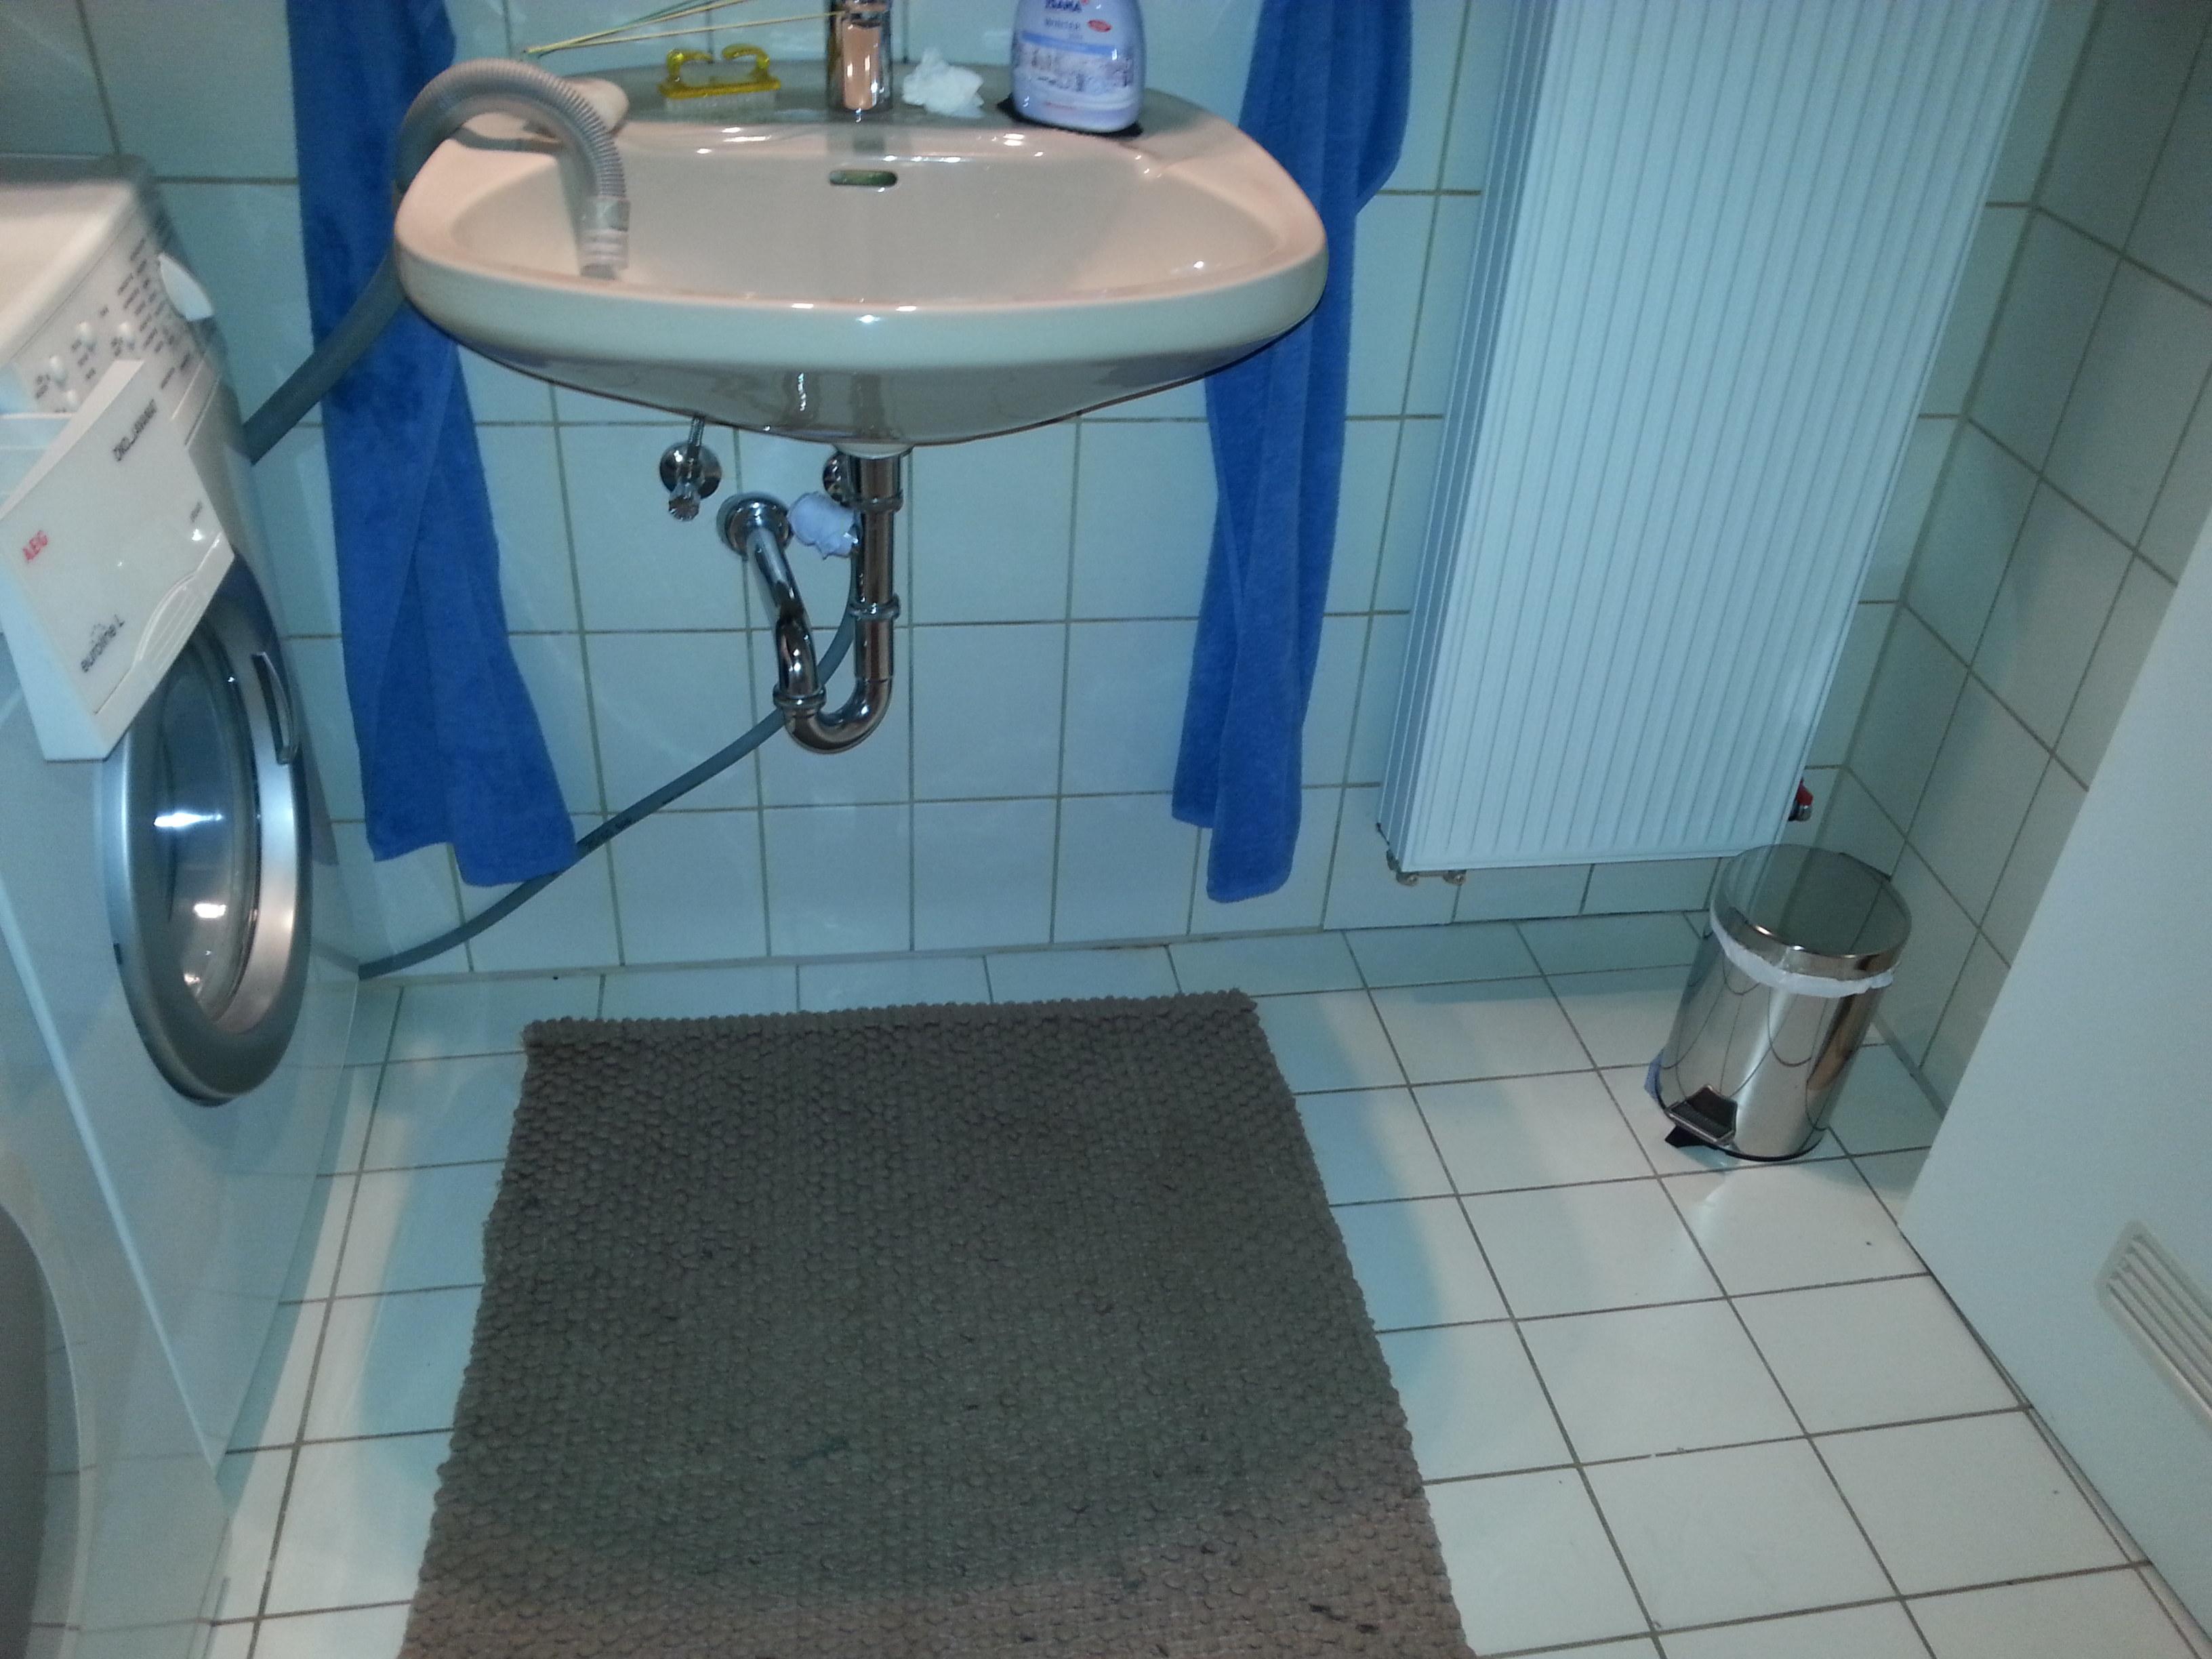 Hochwertig In Welche Richtung Wird Der Wasserhahn Für Die Waschmaschine Aufgedreht?  (waschen)